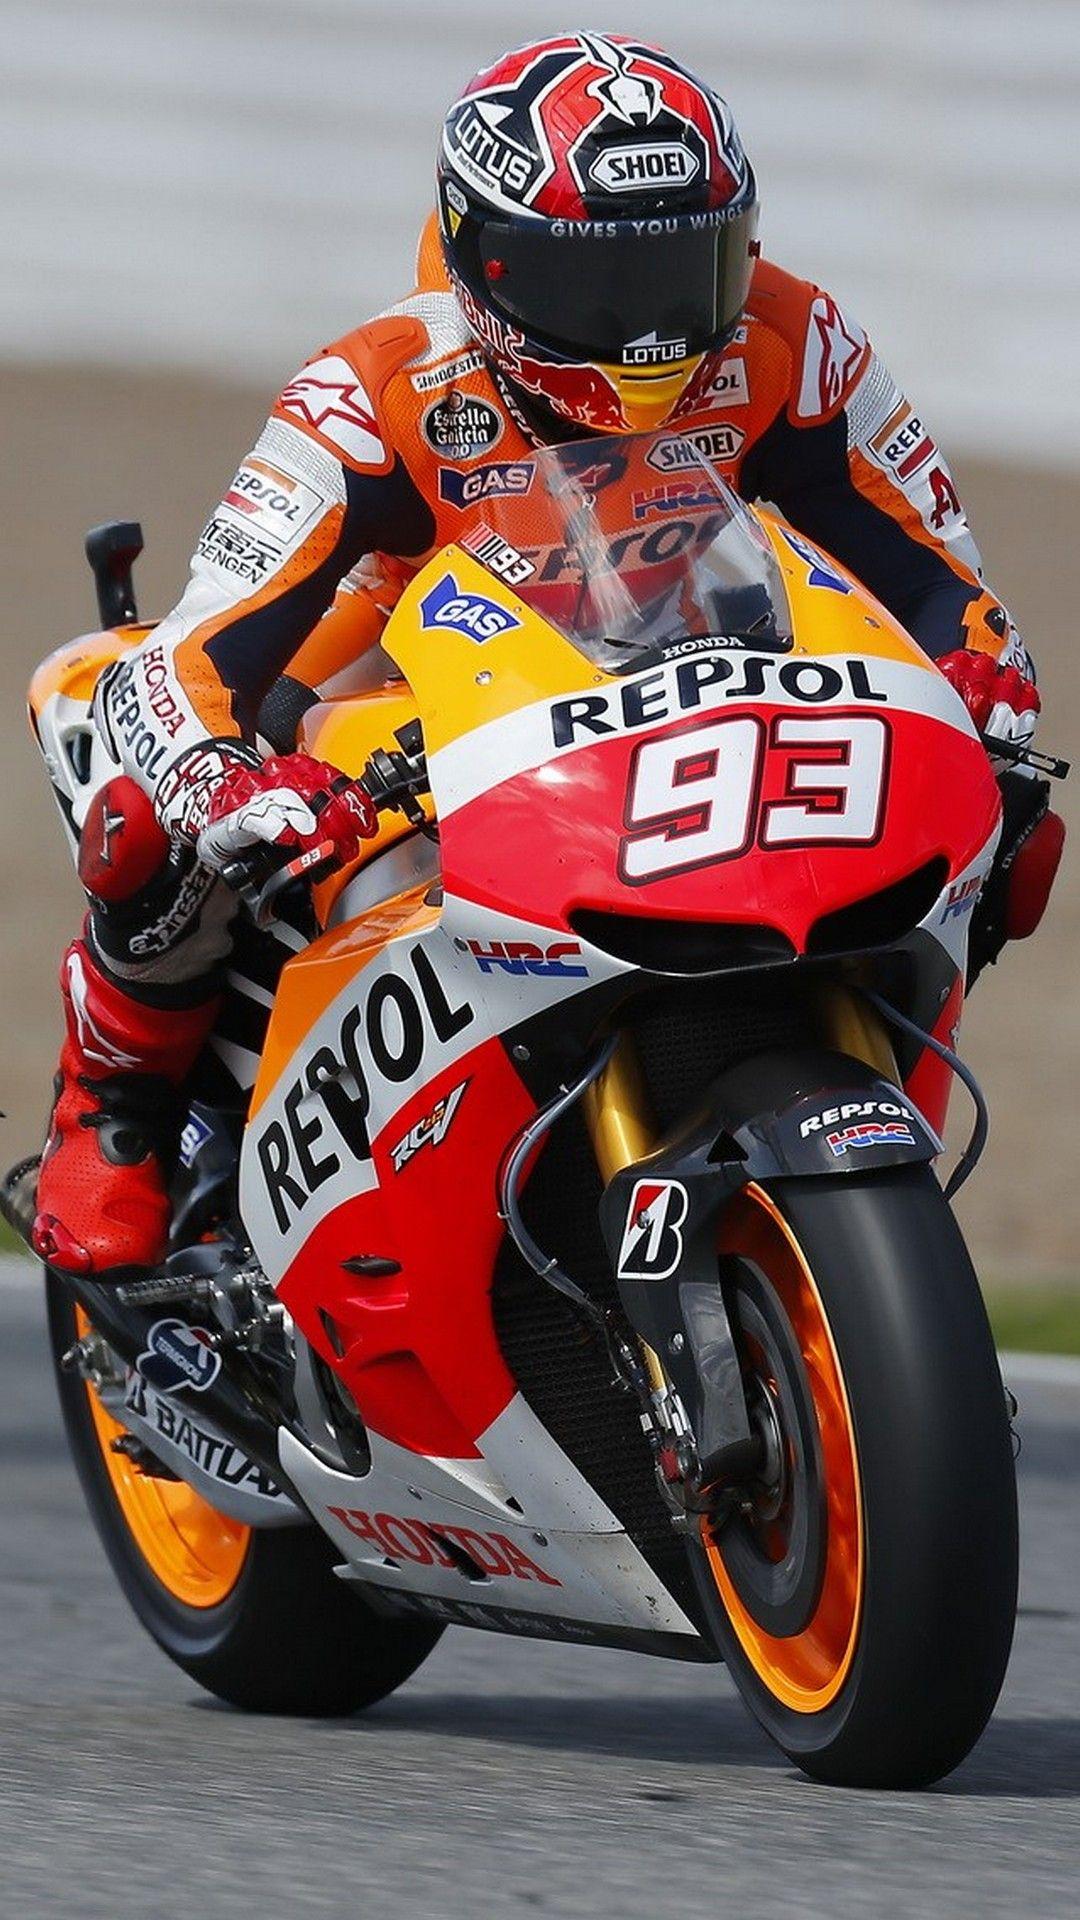 Marc Marquez Motogp Iphone Wallpaper Hd Jpg 1 080 1 920 Pixels Marc Marquez Moto Sportive Moto Enfant